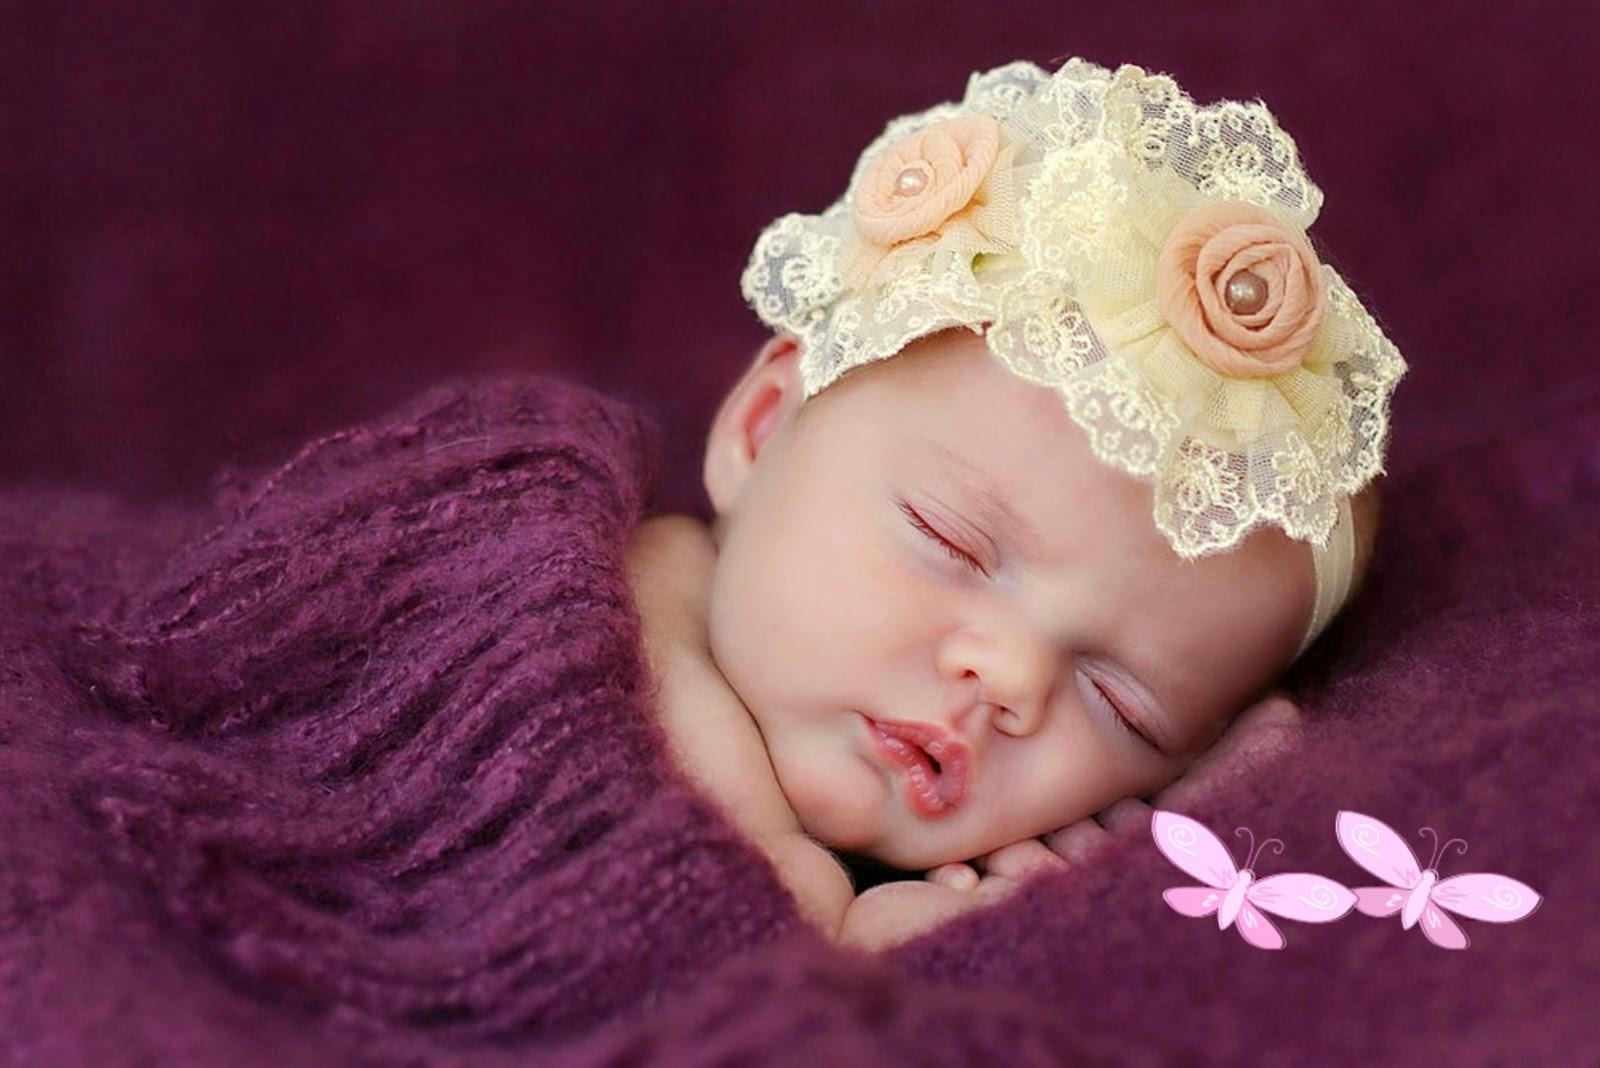 Hình ảnh em bé mới sinh dễ thương